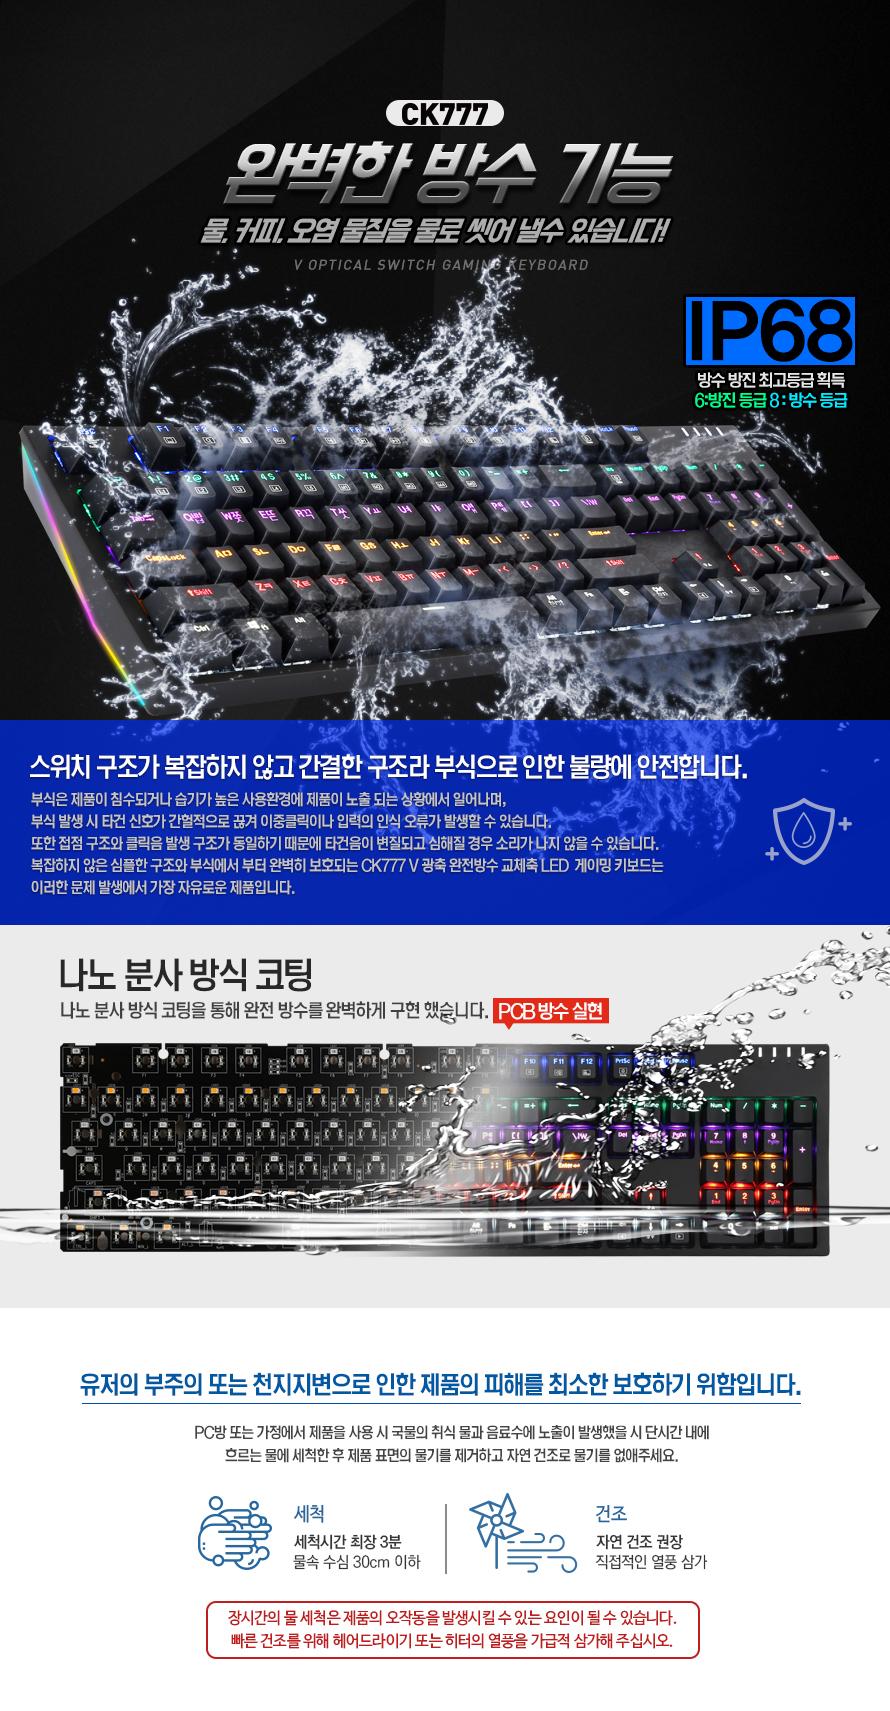 COX  CK777 V광축 완전방수 교체축 사이드 RGB 게이밍(화이트, 클릭)